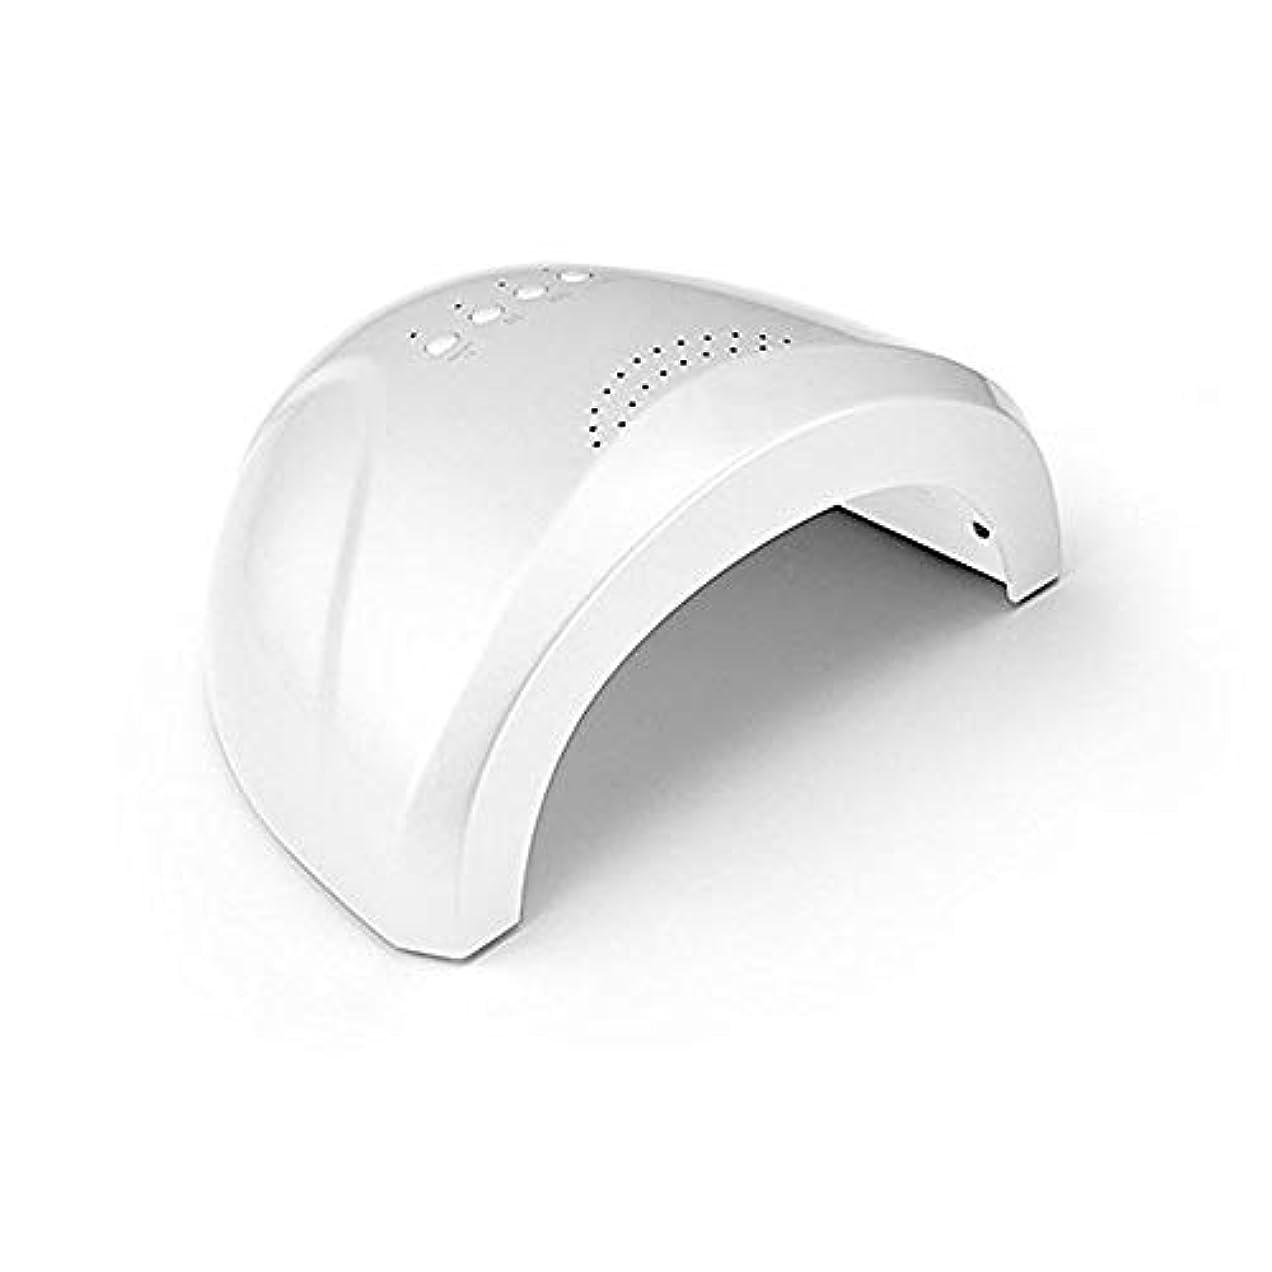 唯物論男性過ちLED UVネイルドライヤーホワイトライトネイルランプ高速硬化3タイマー設定5 s / 30 s / 60 s爪&足の爪のネイルアートサロンツールの自動センサーマシン